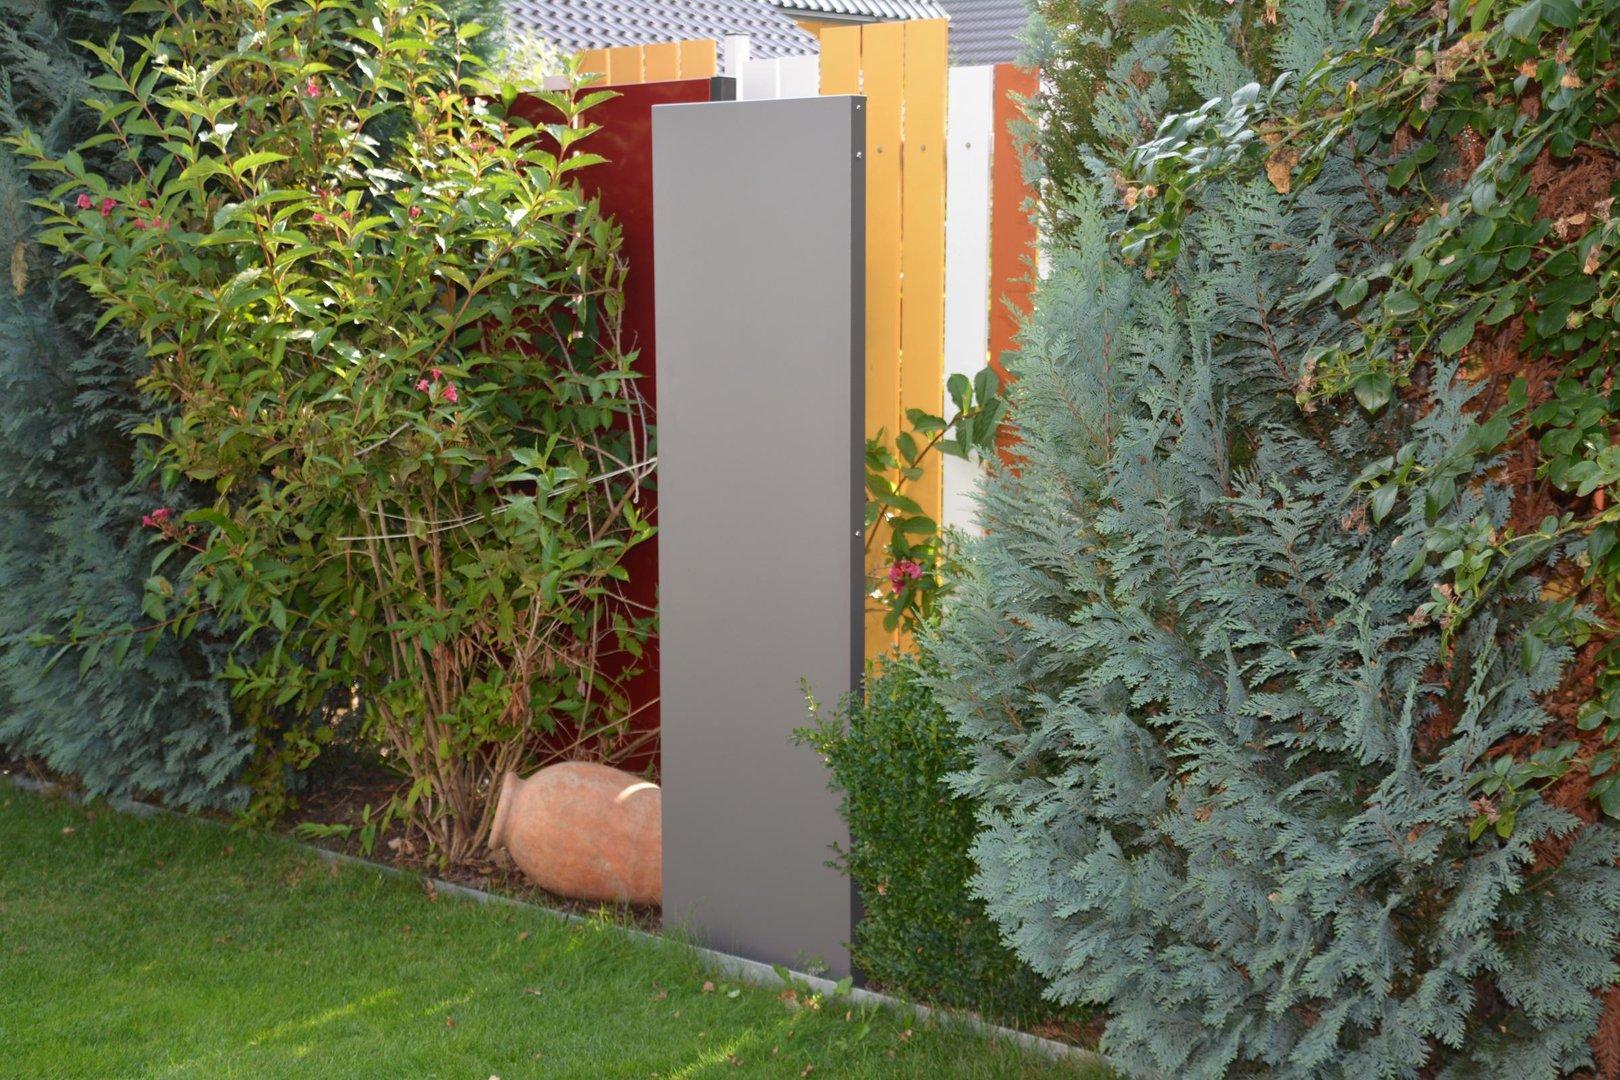 Stele sichtschutz schmal 180 x 50 x 4 cm aus metall - Garten sichtschutz metall ...